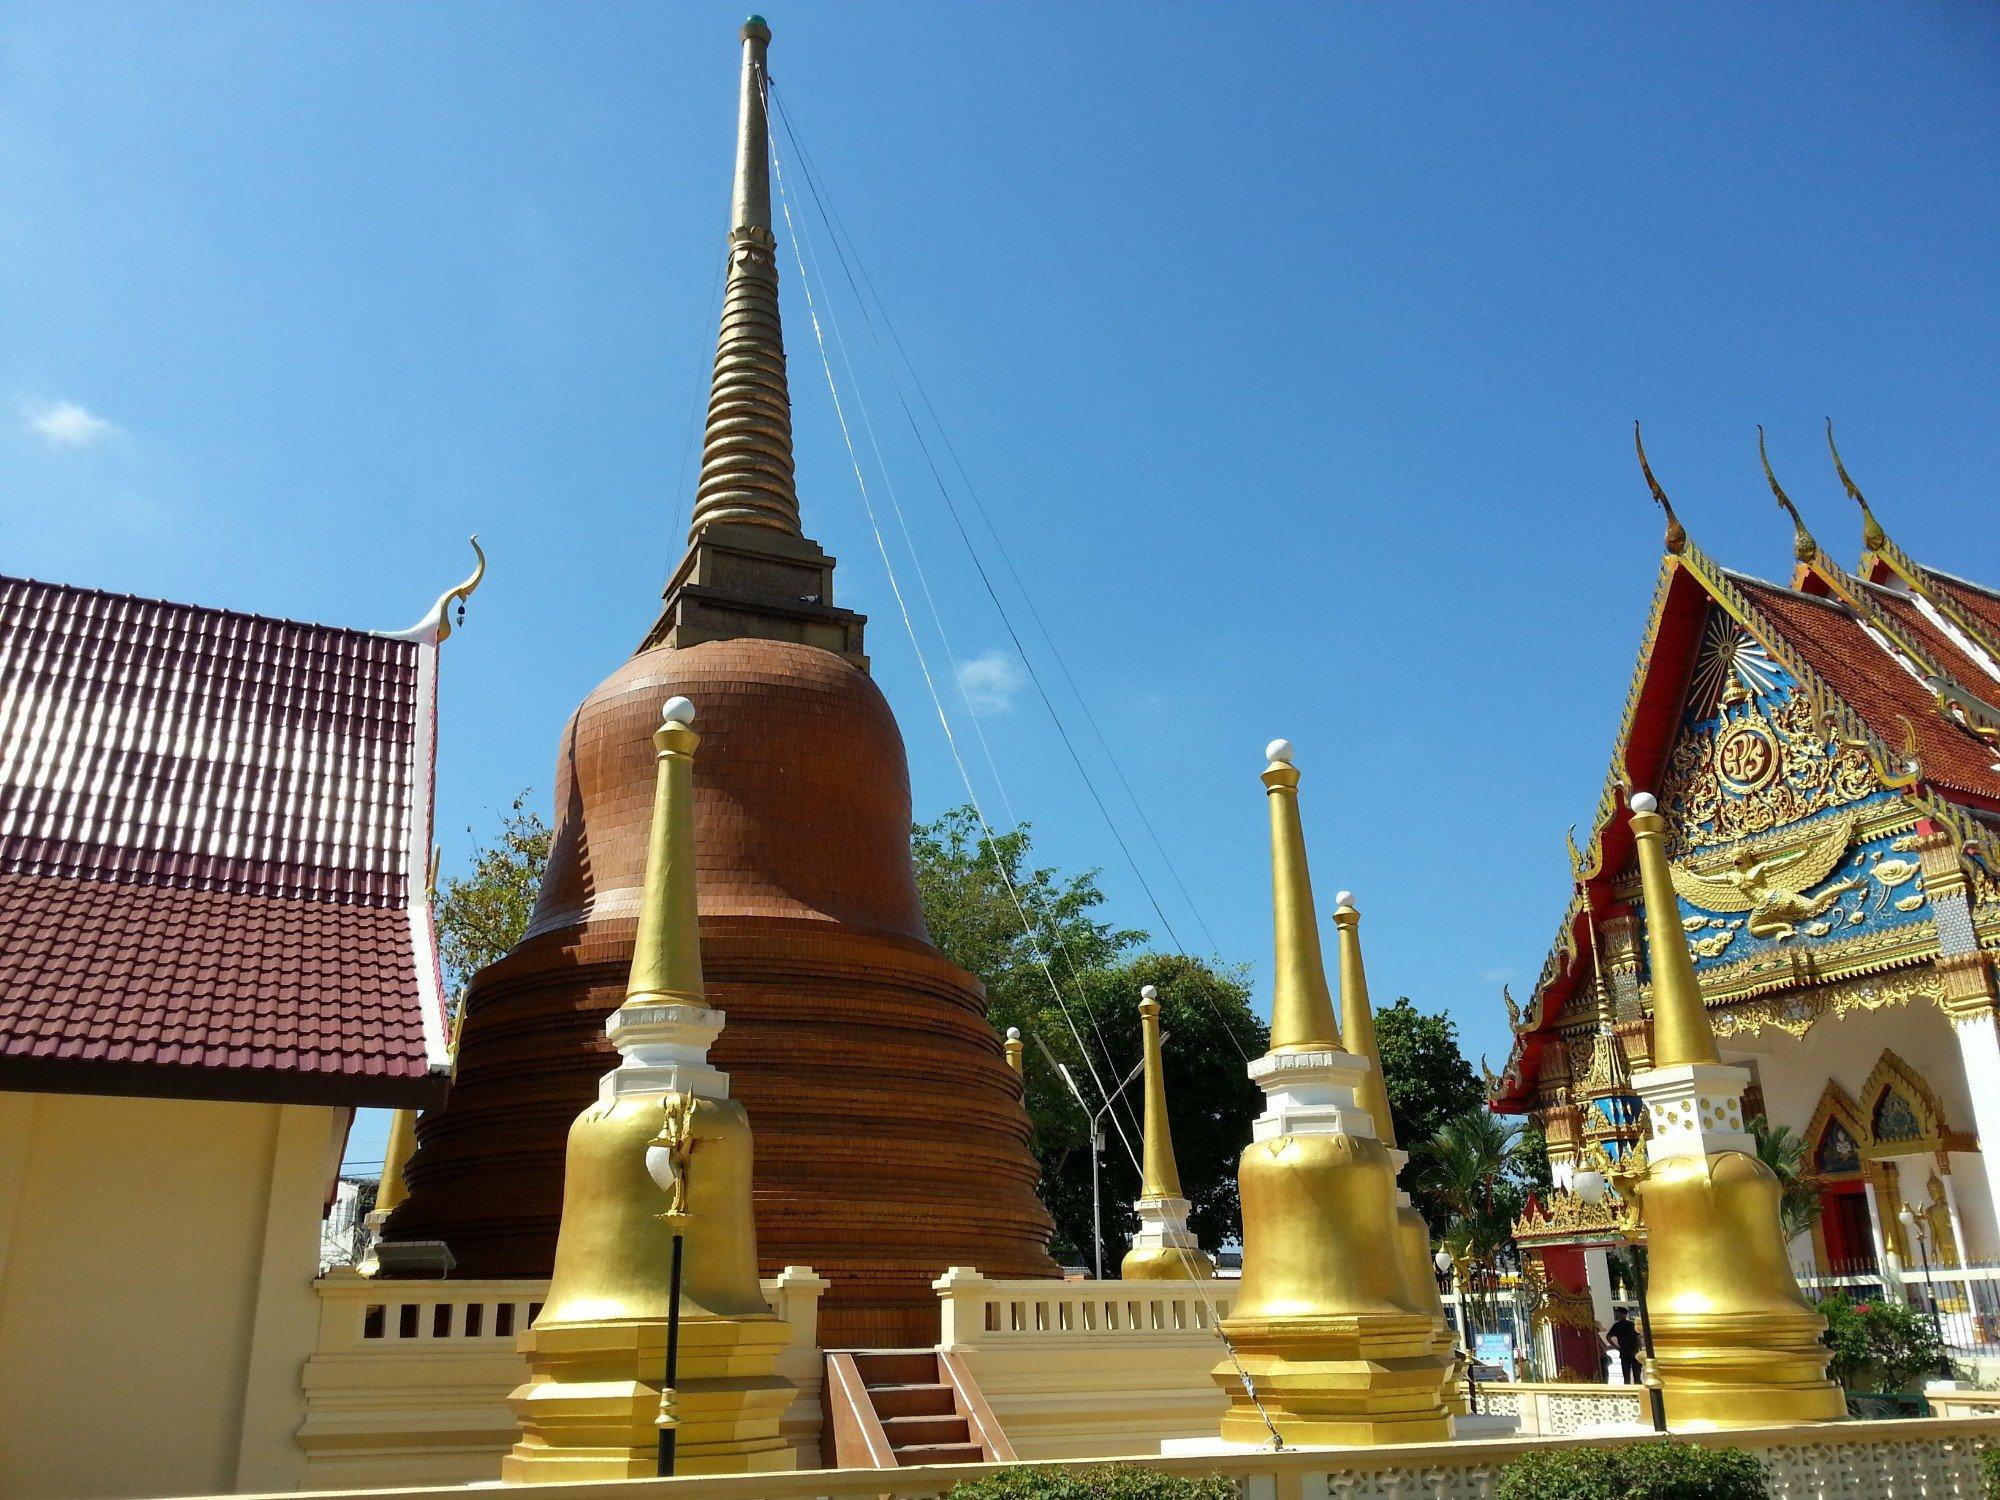 Chedi at Wat Mongkol Nimit